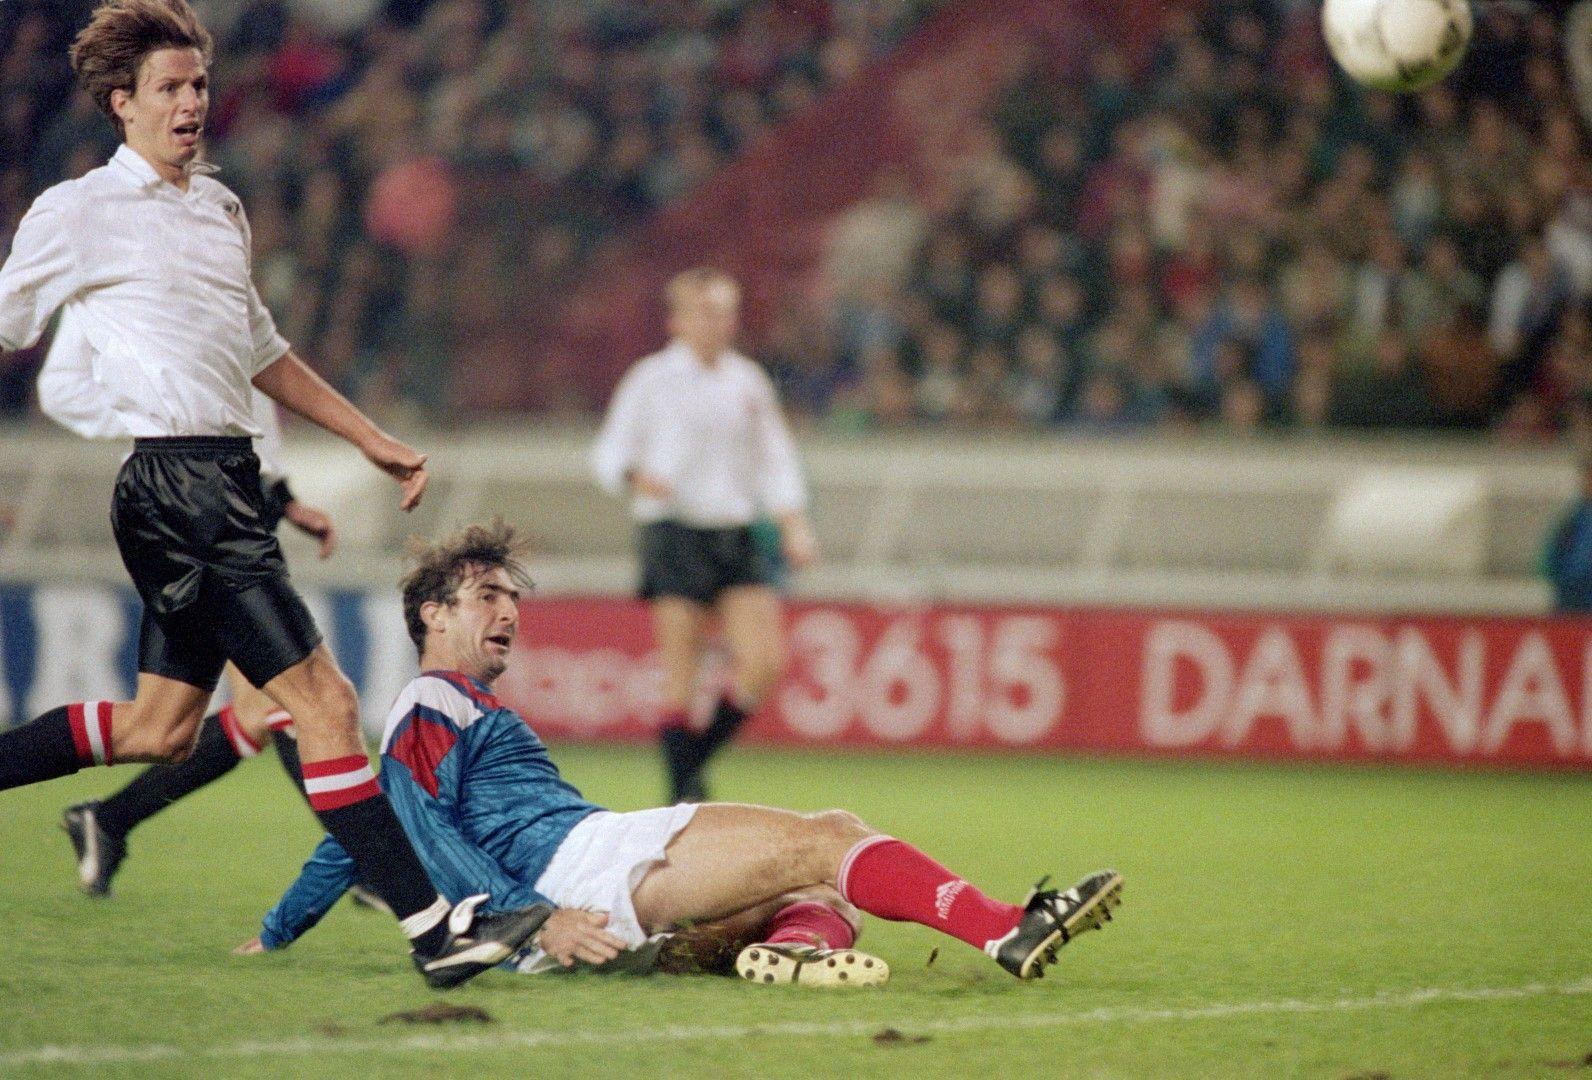 """Странният му характер го спря от Мондиал 1990 и 1998, а Емил КОстадинов го лиши от този през 1994-а, макар Кантона да вкара първия гол във вратата ни на """"Парк де пренс"""""""